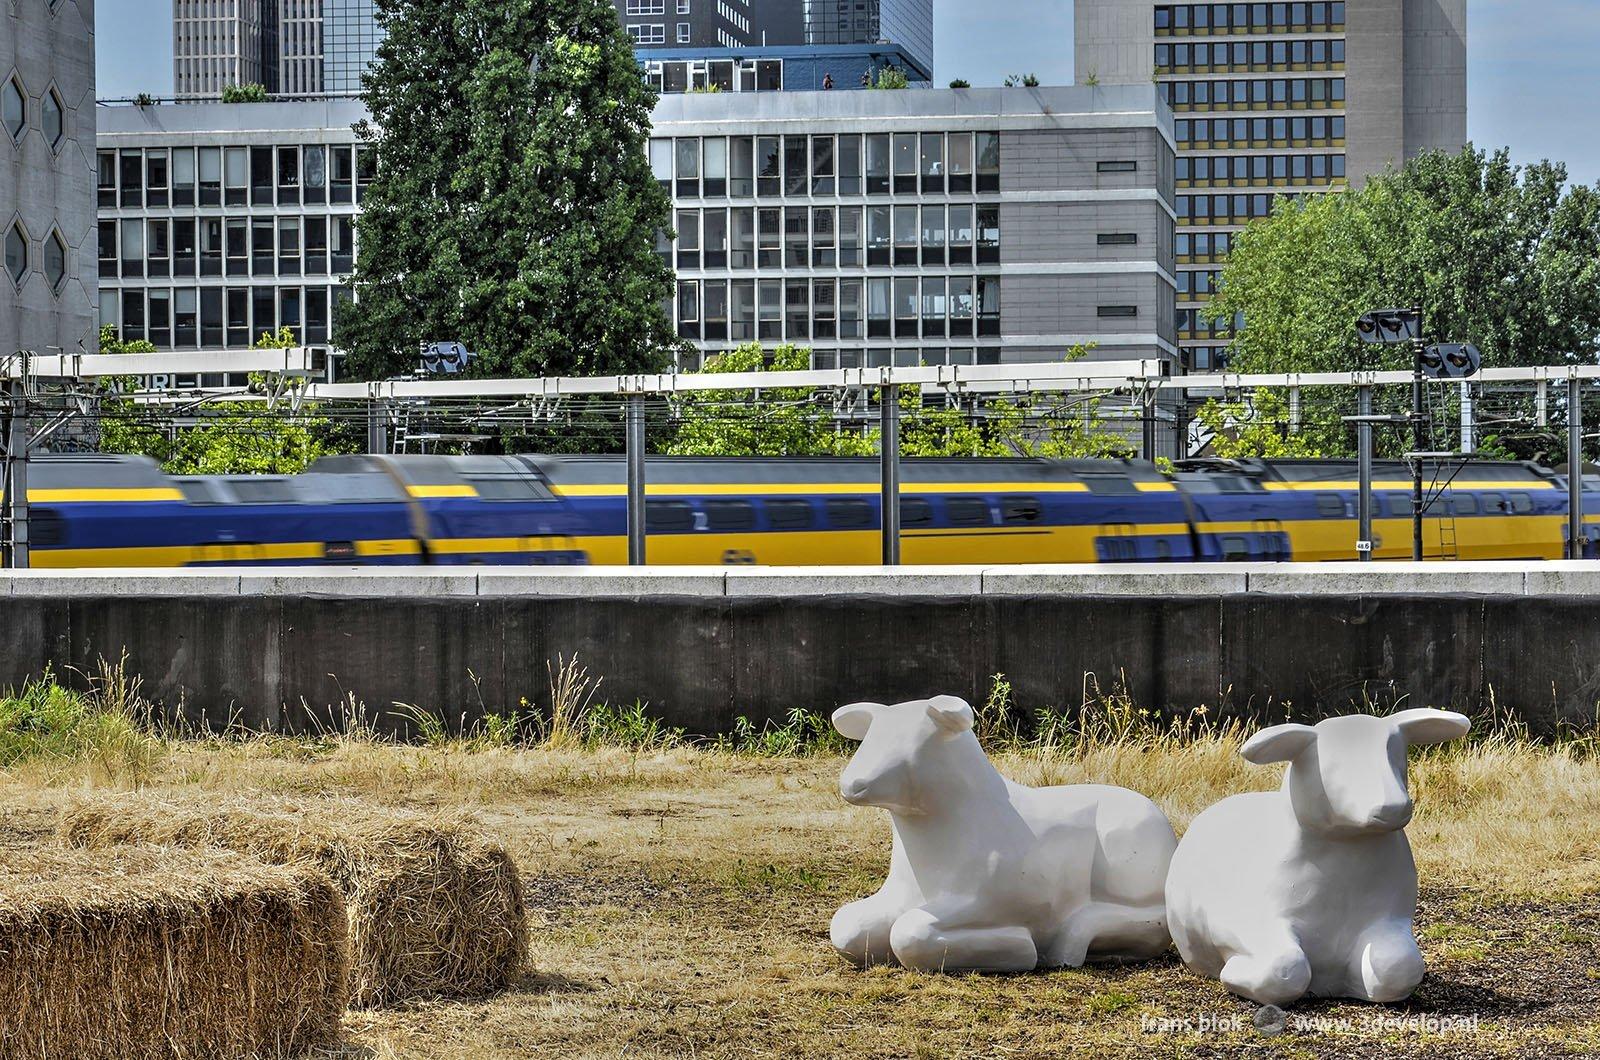 Kunststof schaapjes op het dak van Station Hofplein tijdens de Rotterdamse Dakendagen met op de achtergrond een gele trein van NS en de Skyline van Rotterdam.